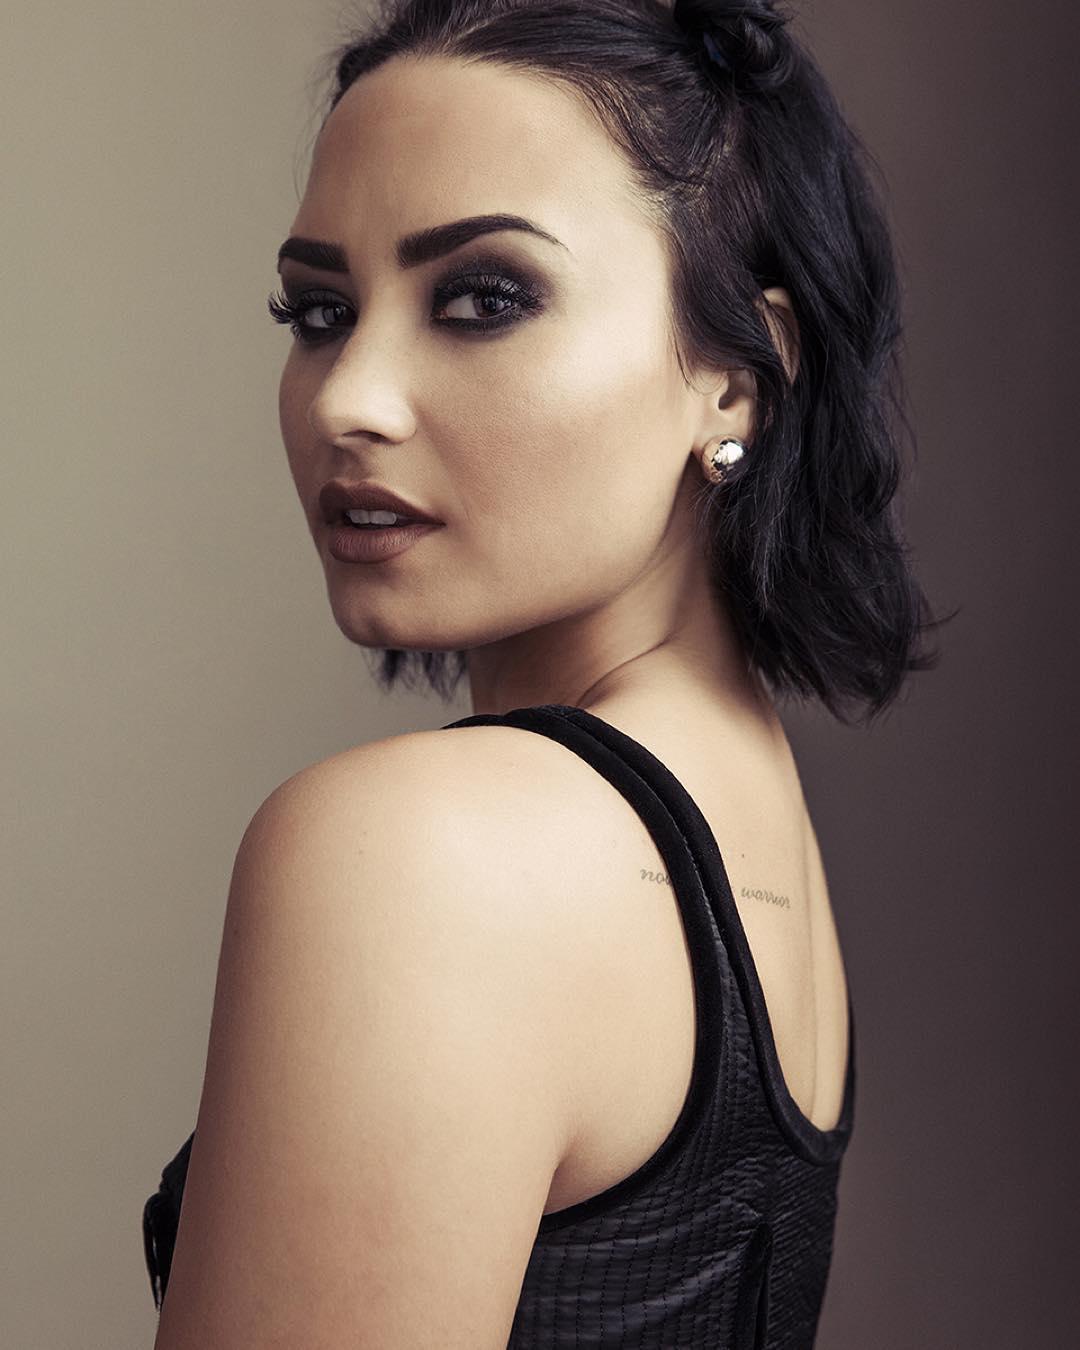 Demi Lovato Devonne >> Demi Lovato Pictures: Click image to close this window